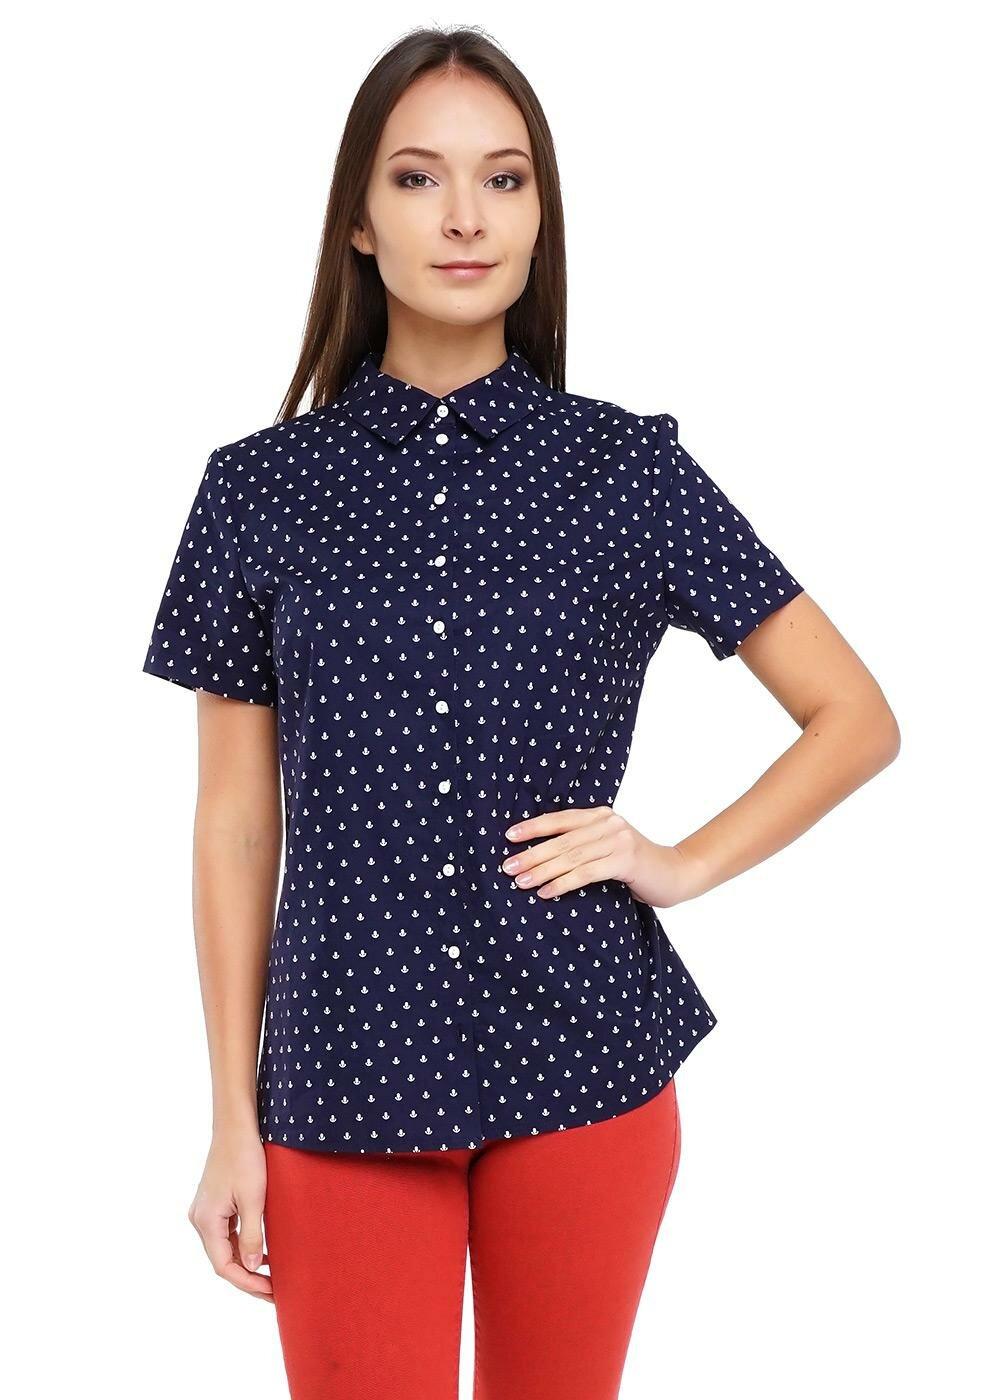 нашем обзоре картинки рубашек женских кто вам